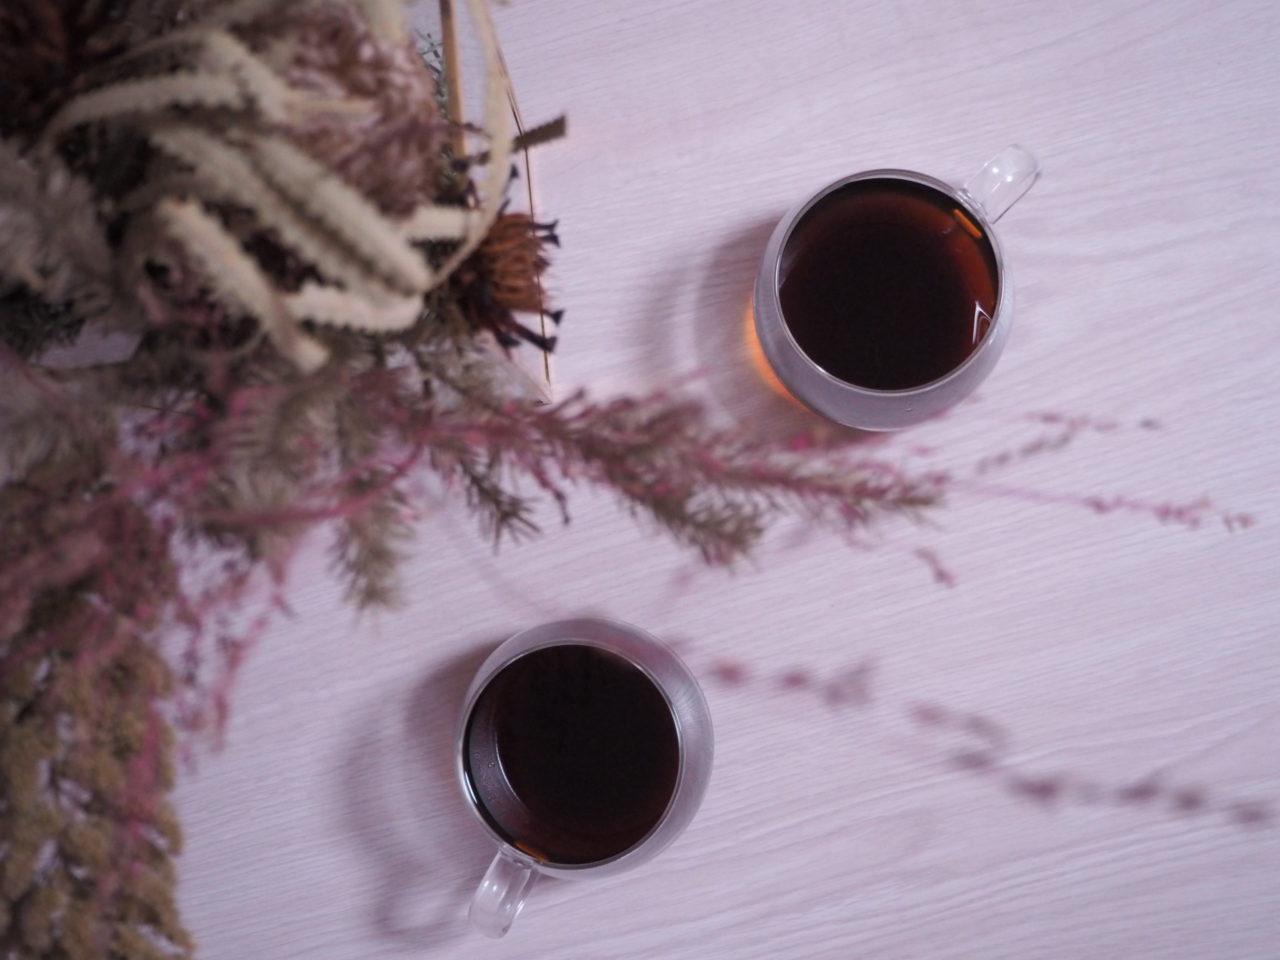 まとめ:KINTO (キントー)UNITEA カップ 350mlはお洒落にコーヒーを飲みたい方におすすめ!